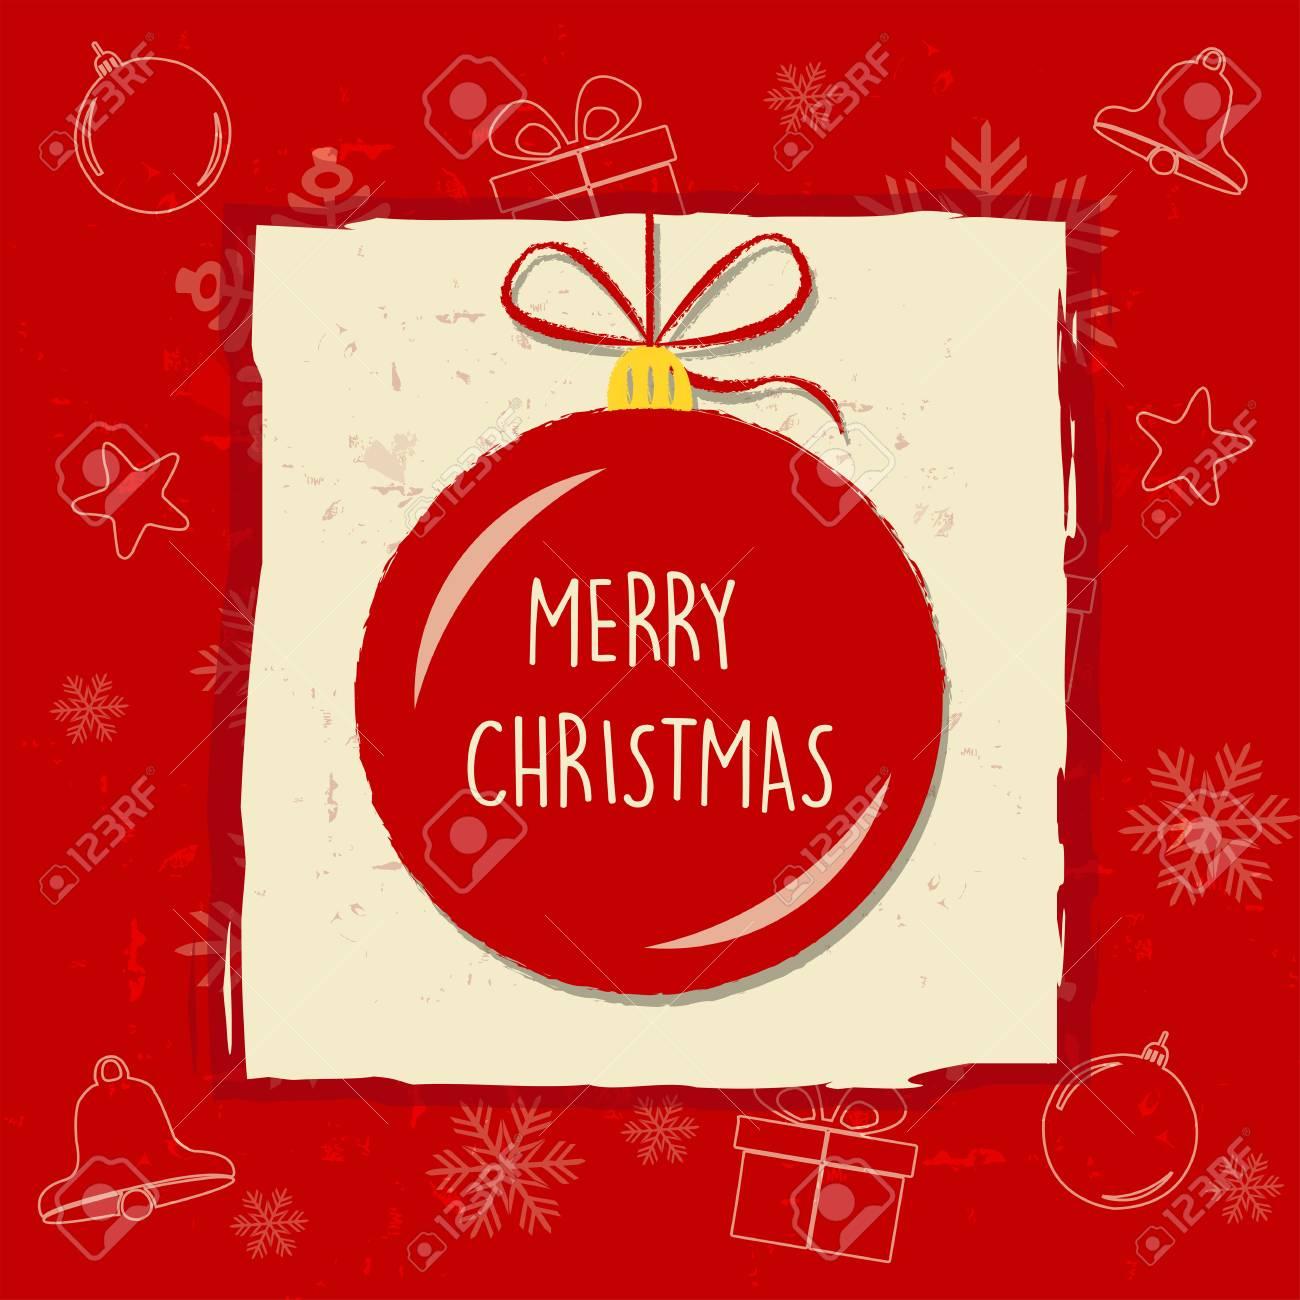 Frohe Weihnachten In Weihnachtskugel In Roter Rahmen, Grußkarte ...